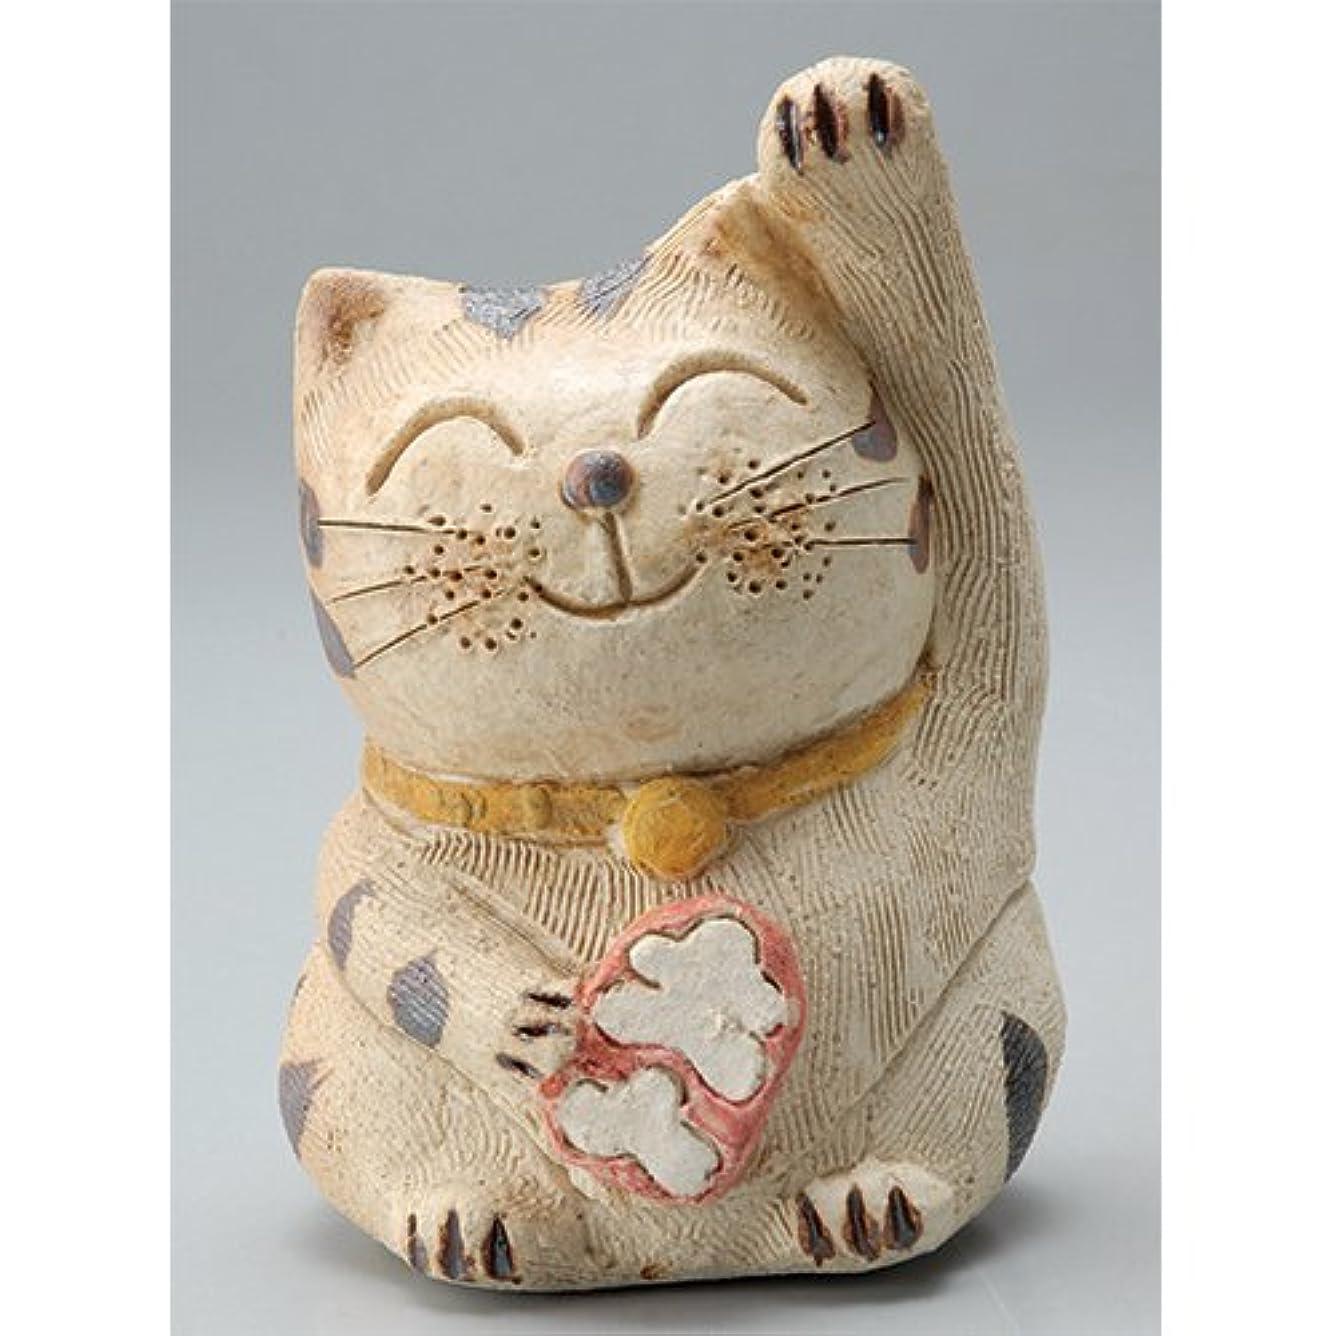 マスクディレクトリプラスチック香炉 微笑み招き猫(人招き)香炉(小) [H8.5cm] HANDMADE プレゼント ギフト 和食器 かわいい インテリア